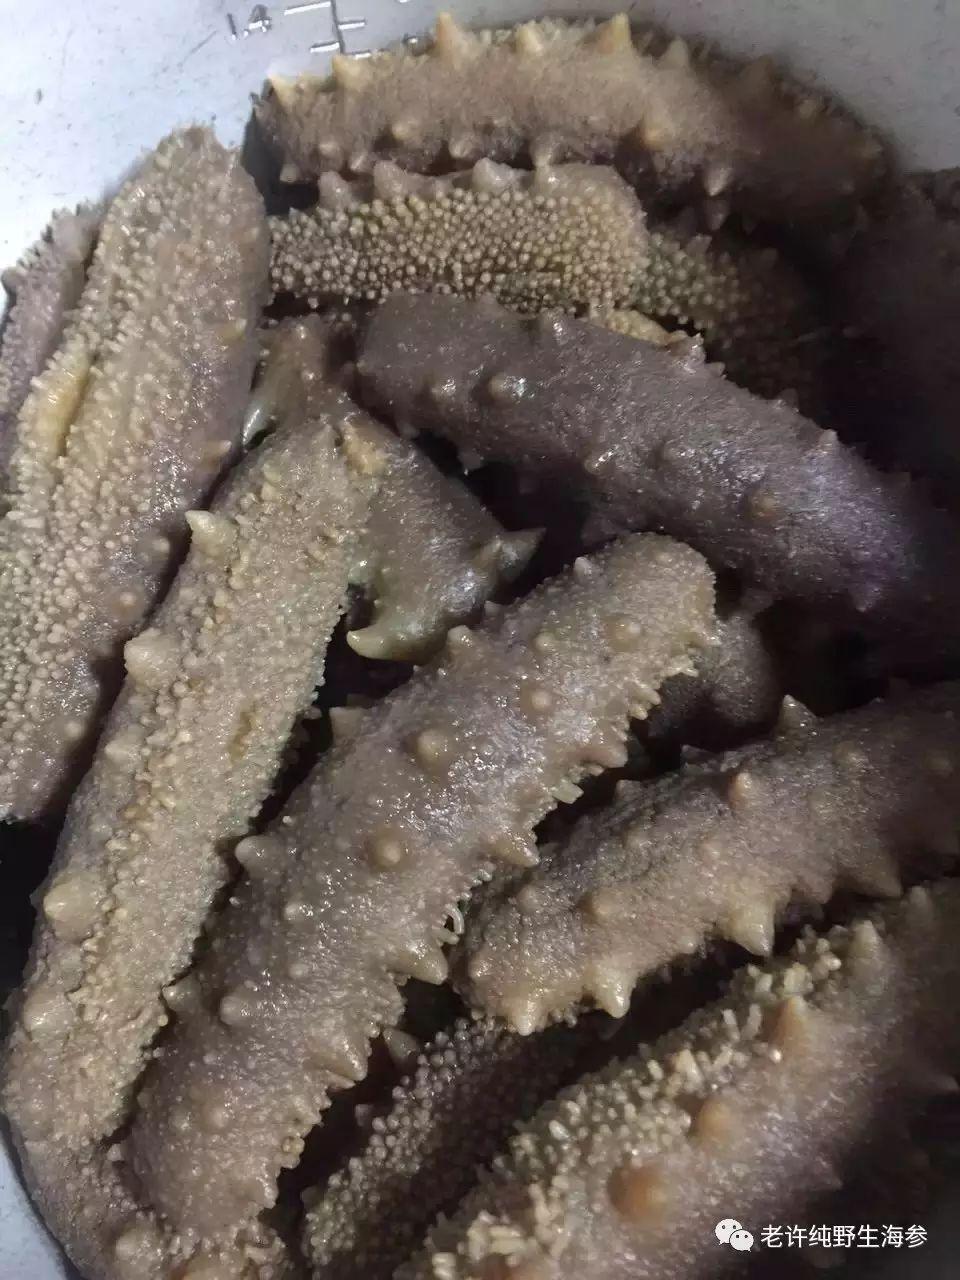 海参鉴别教程2:福建吊笼养殖海参特点